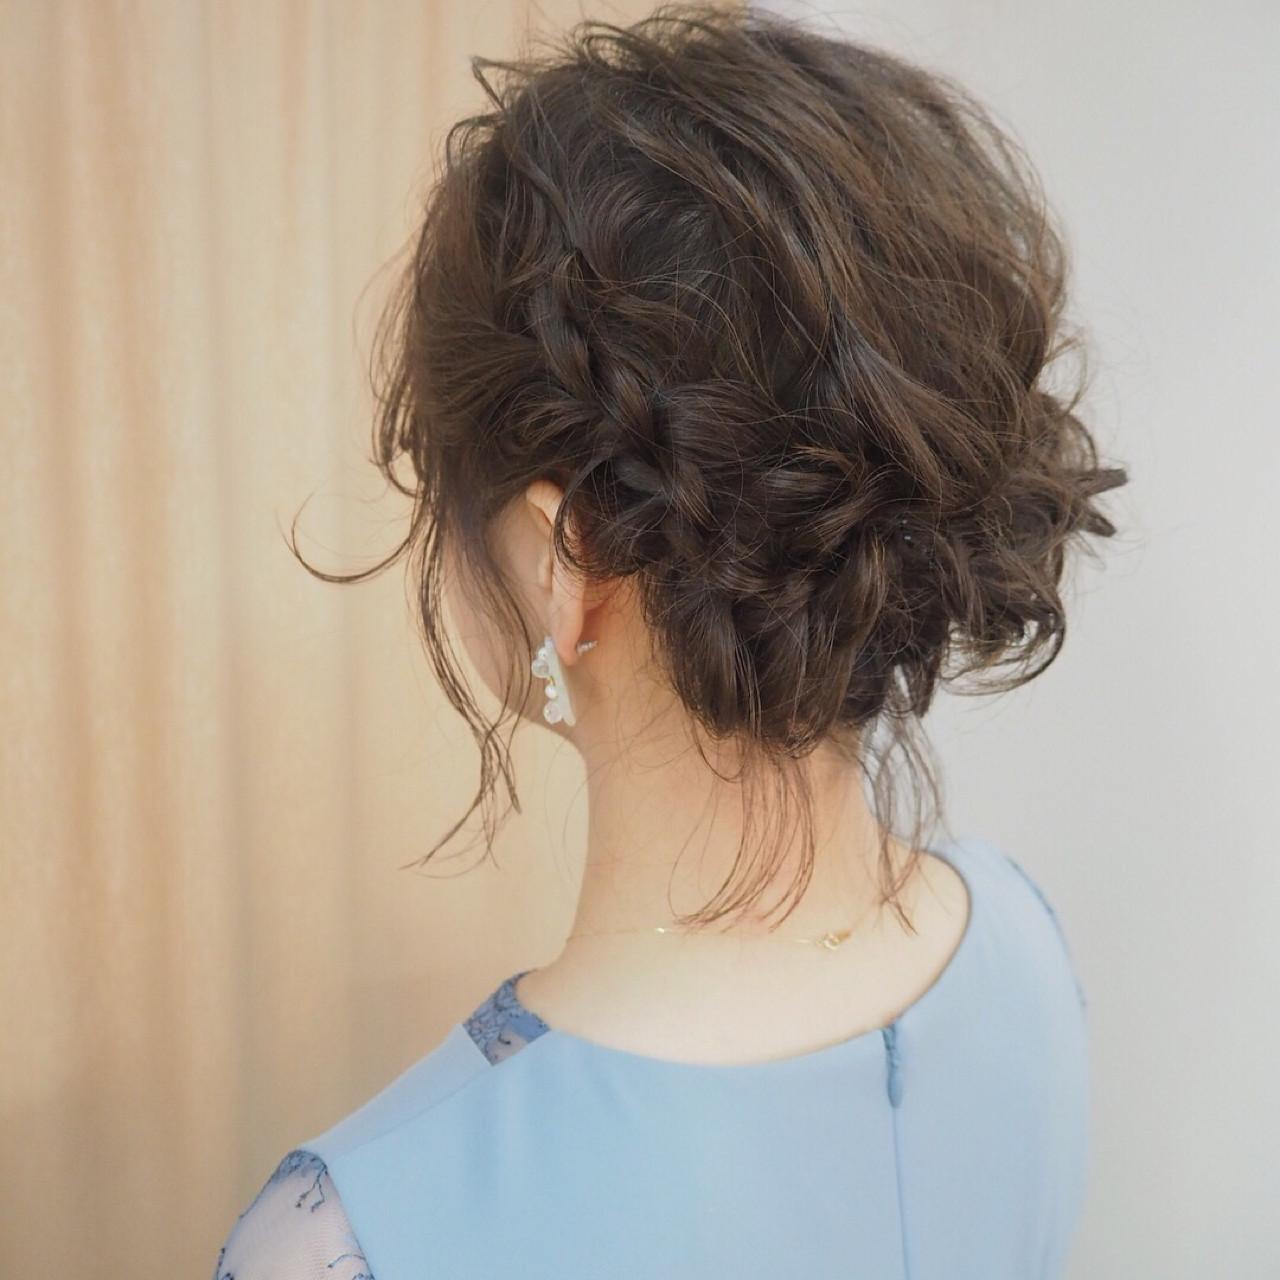 結婚式や成人式で!三つ編みでアップスタイル 宮迫 真美